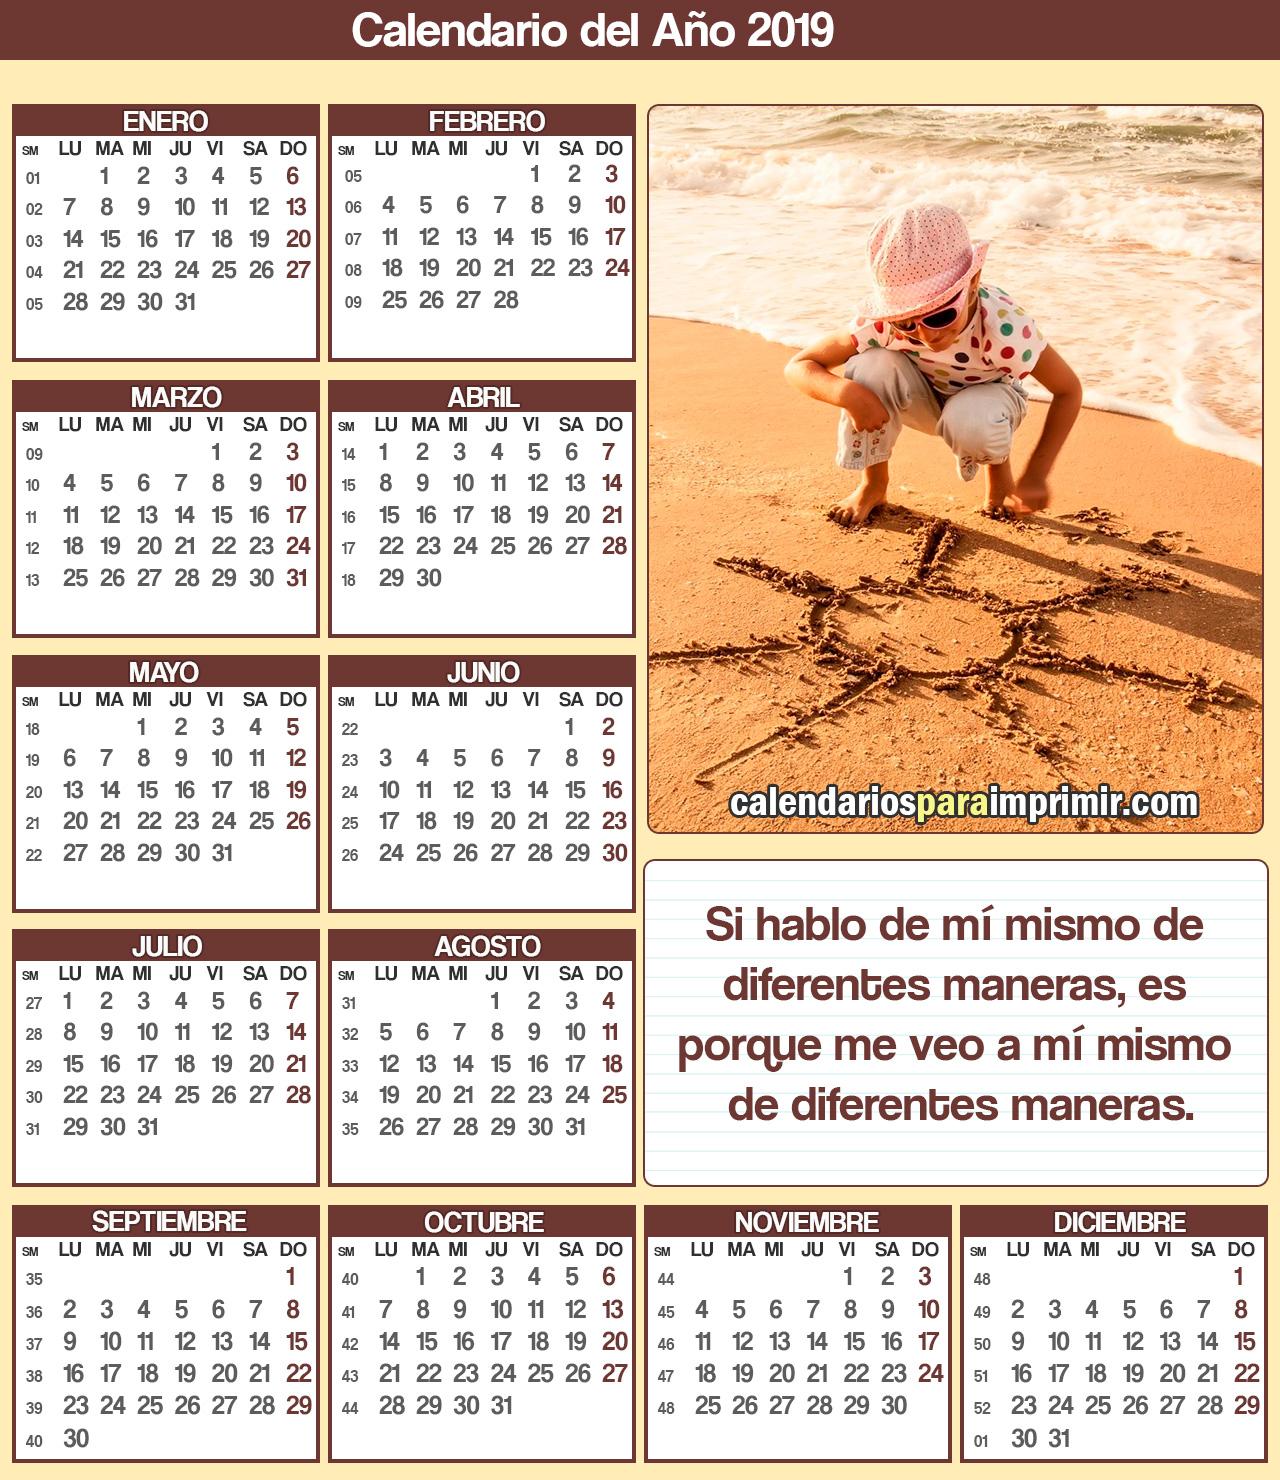 calendarios para imprimir 2019 reflexion